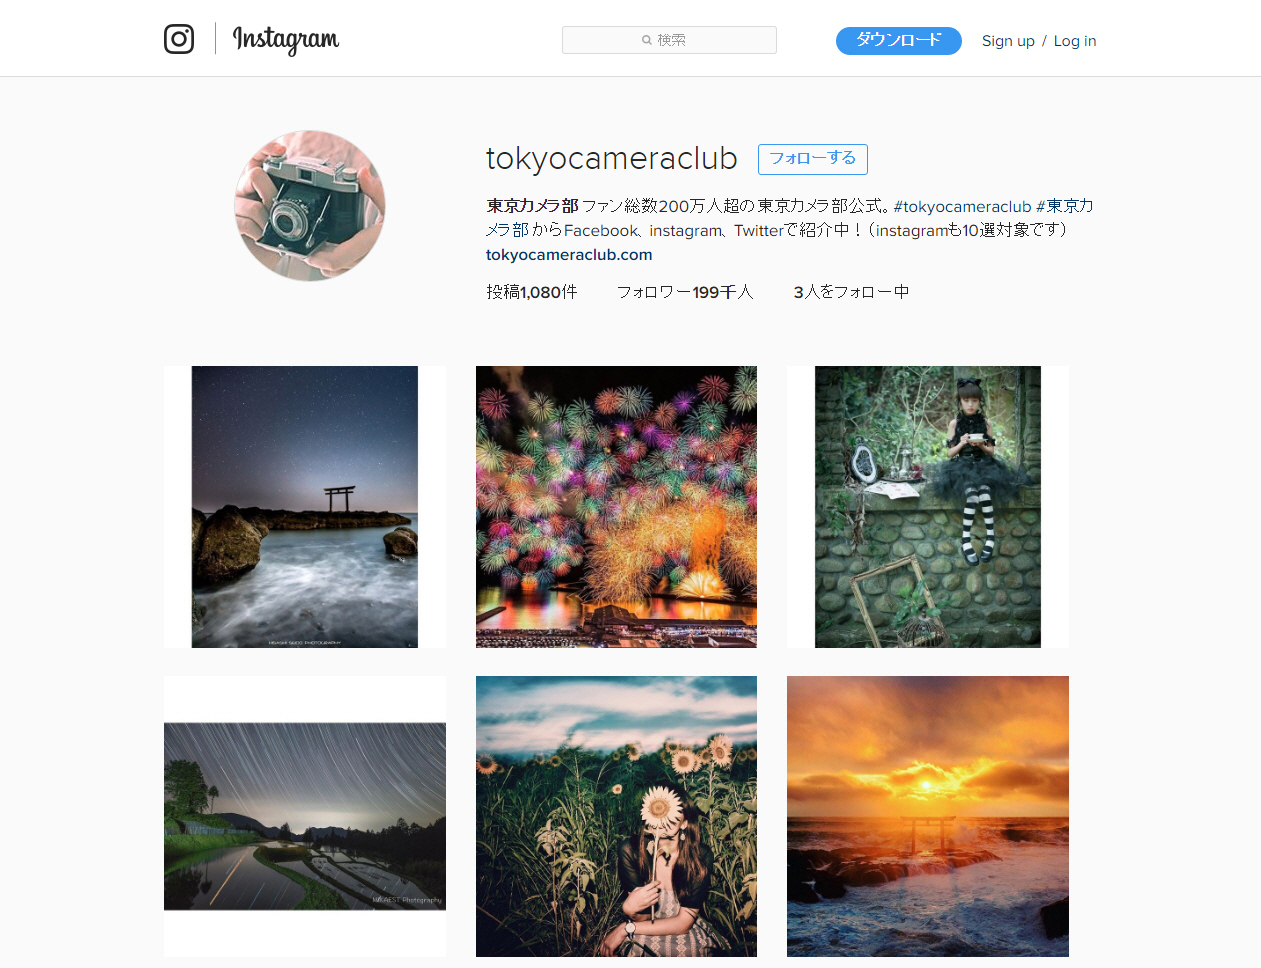 東京カメラ部 (@tokyocameraclub) • Instagram